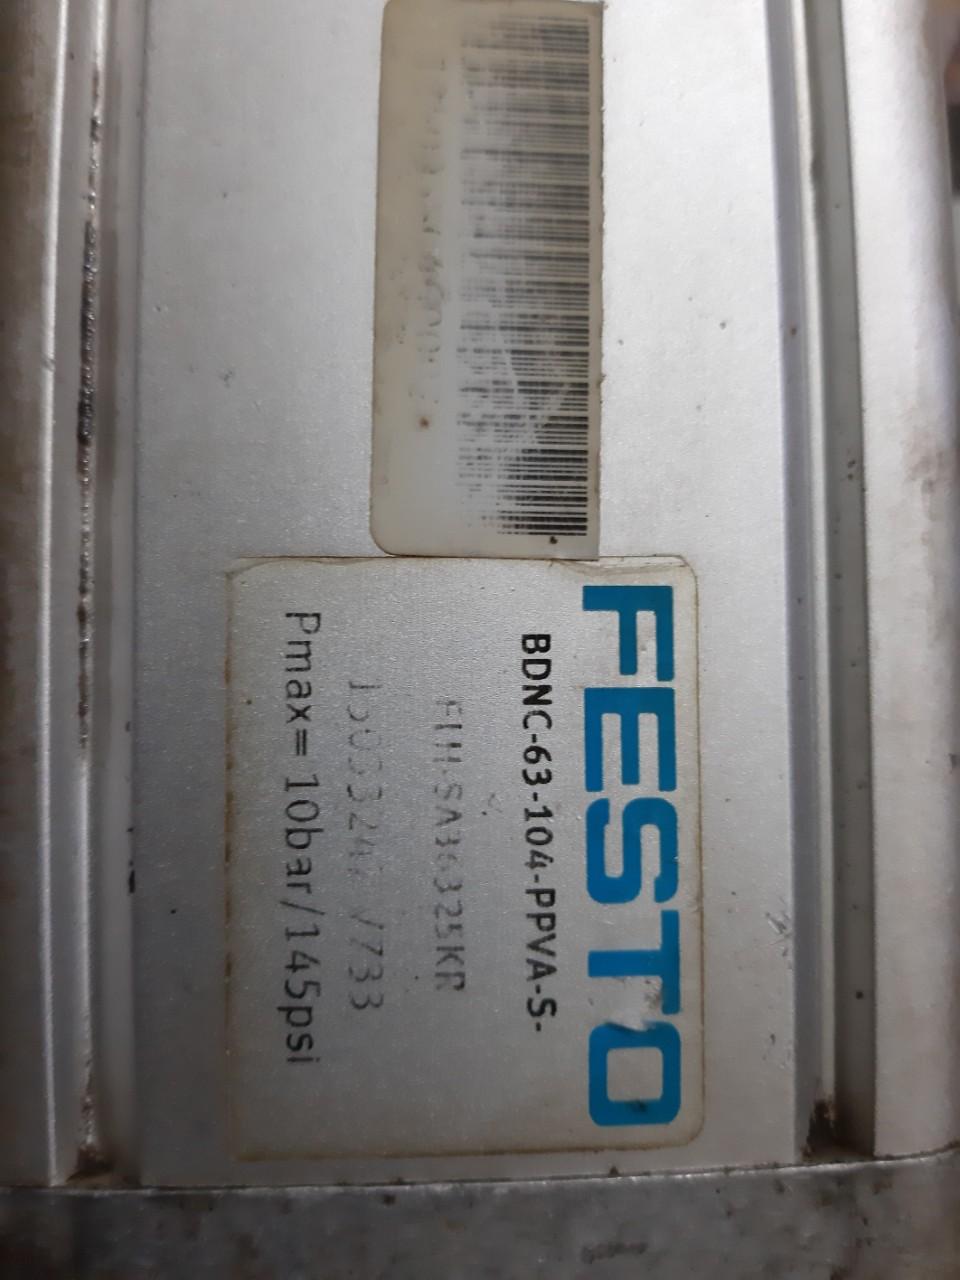 Semi-rotary drives DRQ